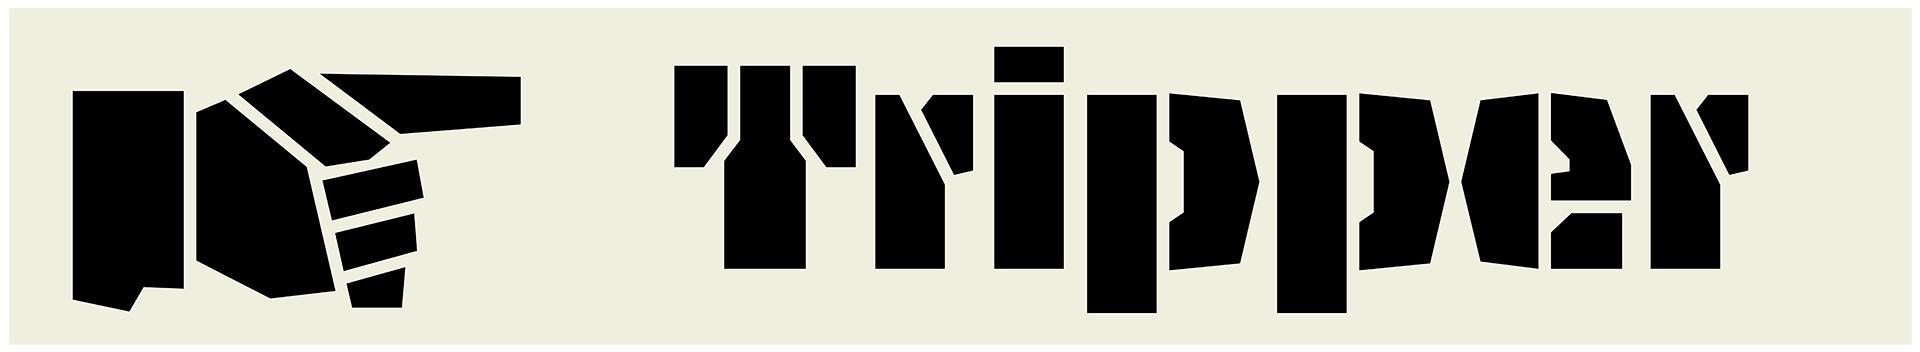 manicule-tripper